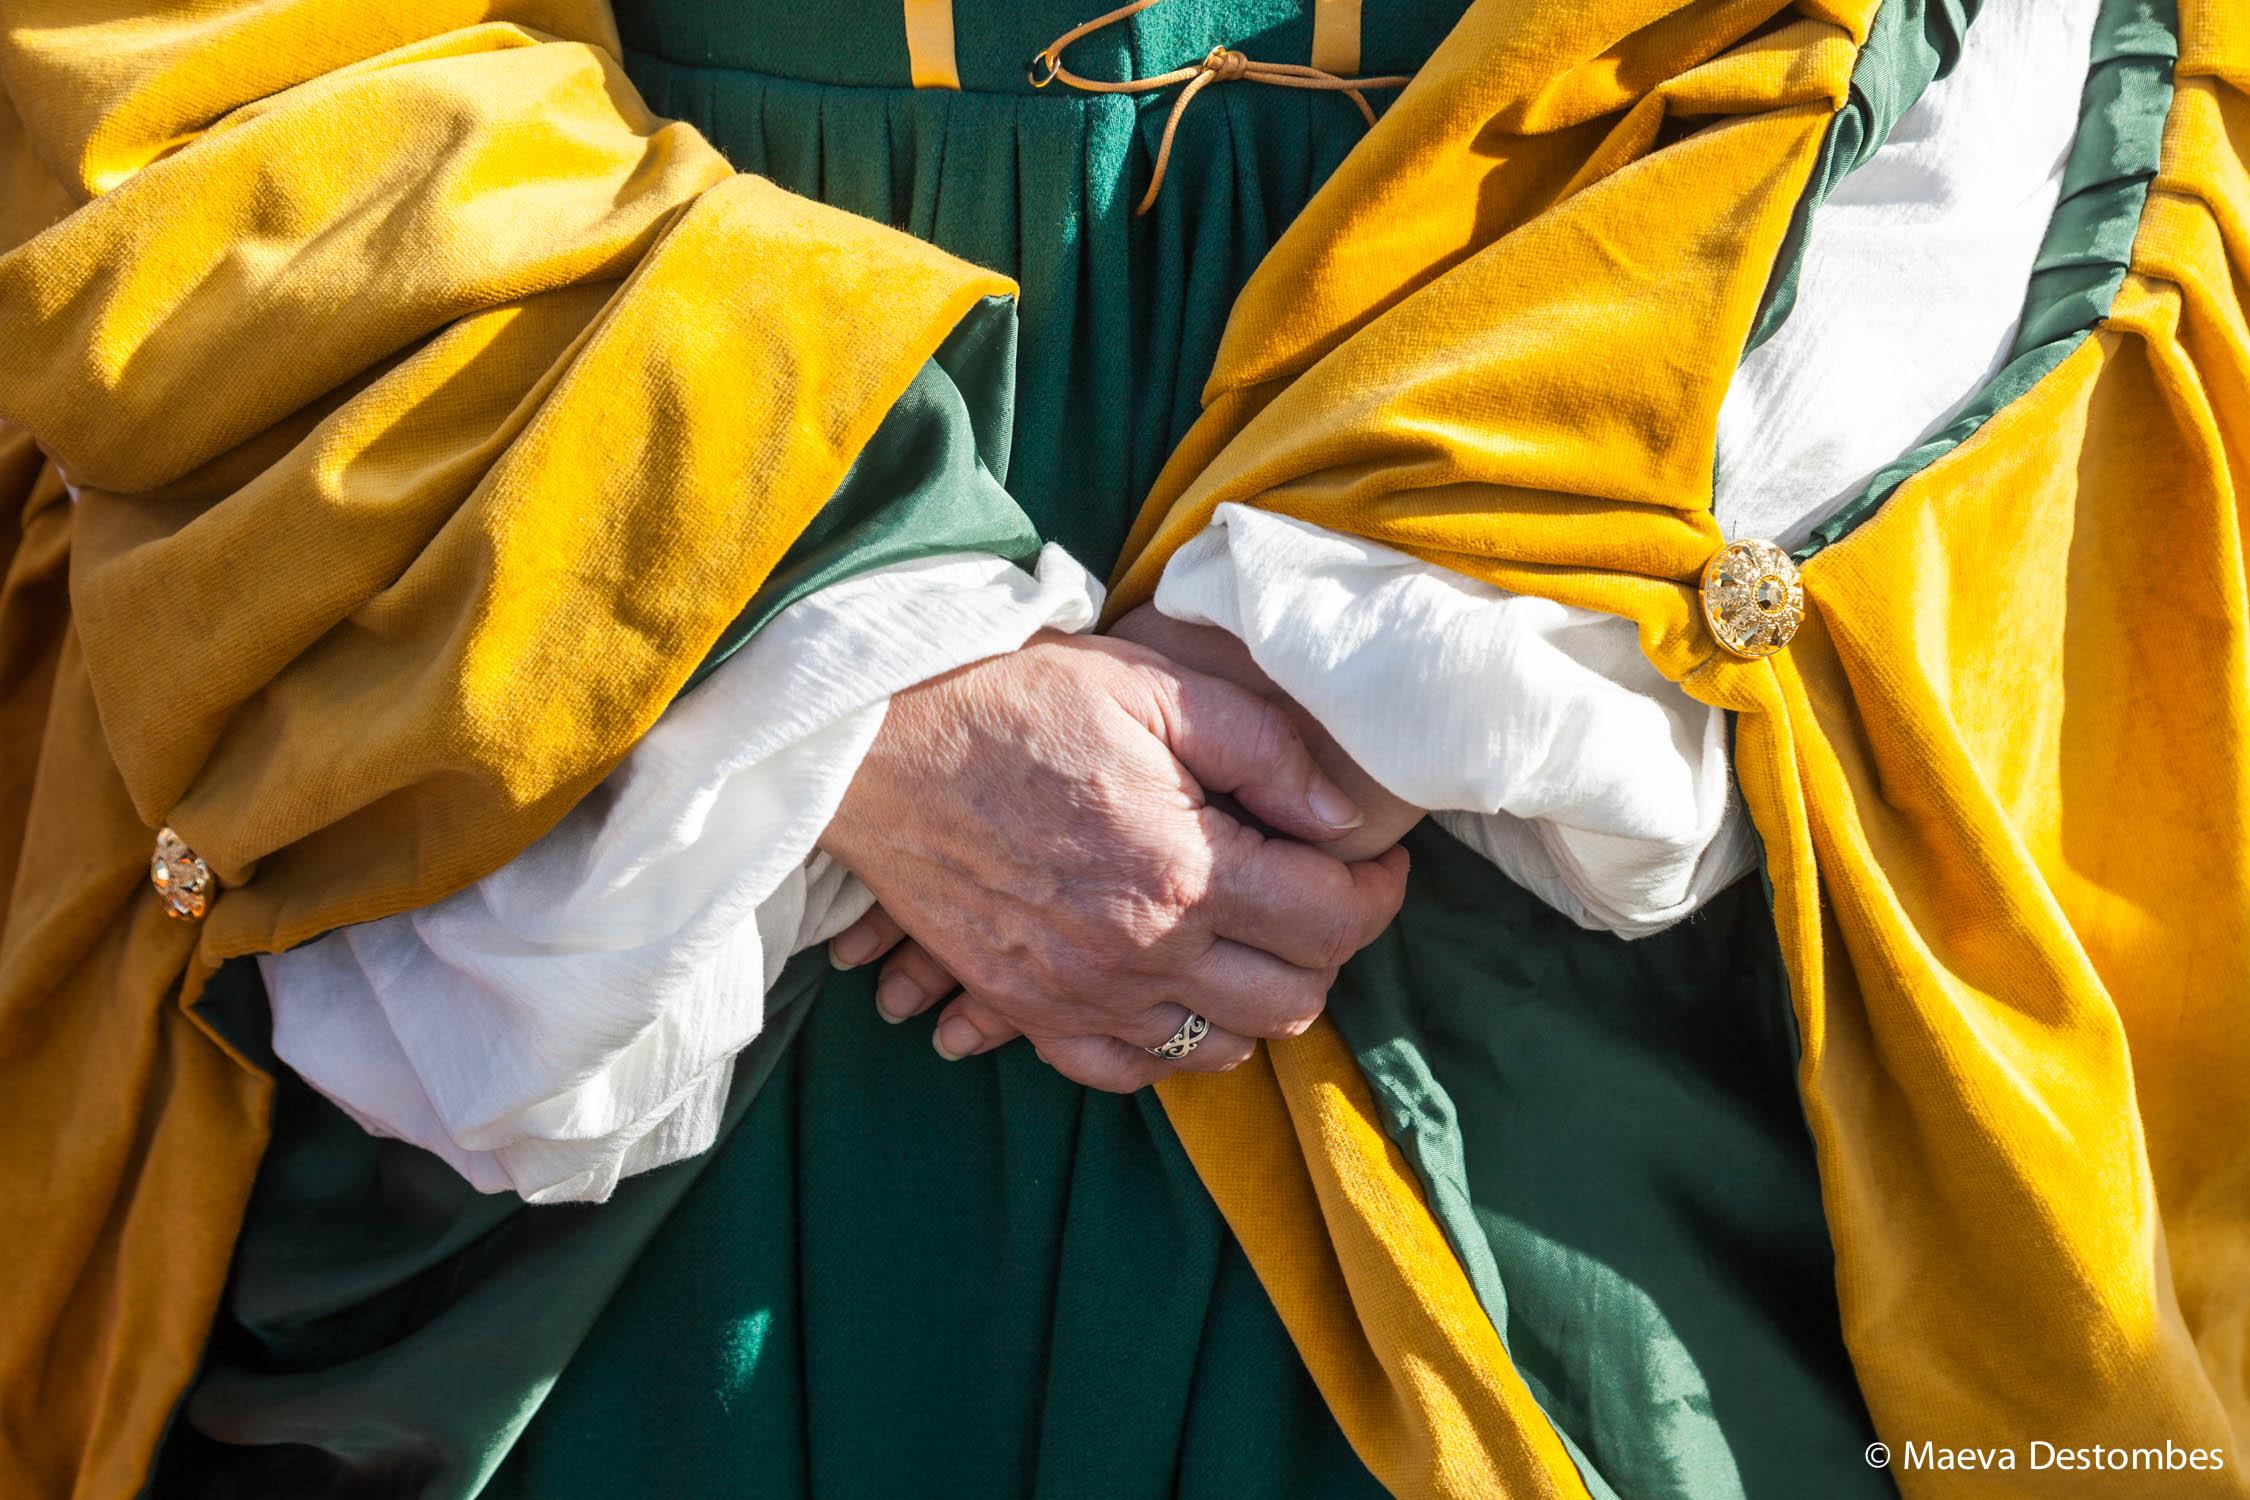 Détails d'un costume médiéval lors du carnaval de Venise